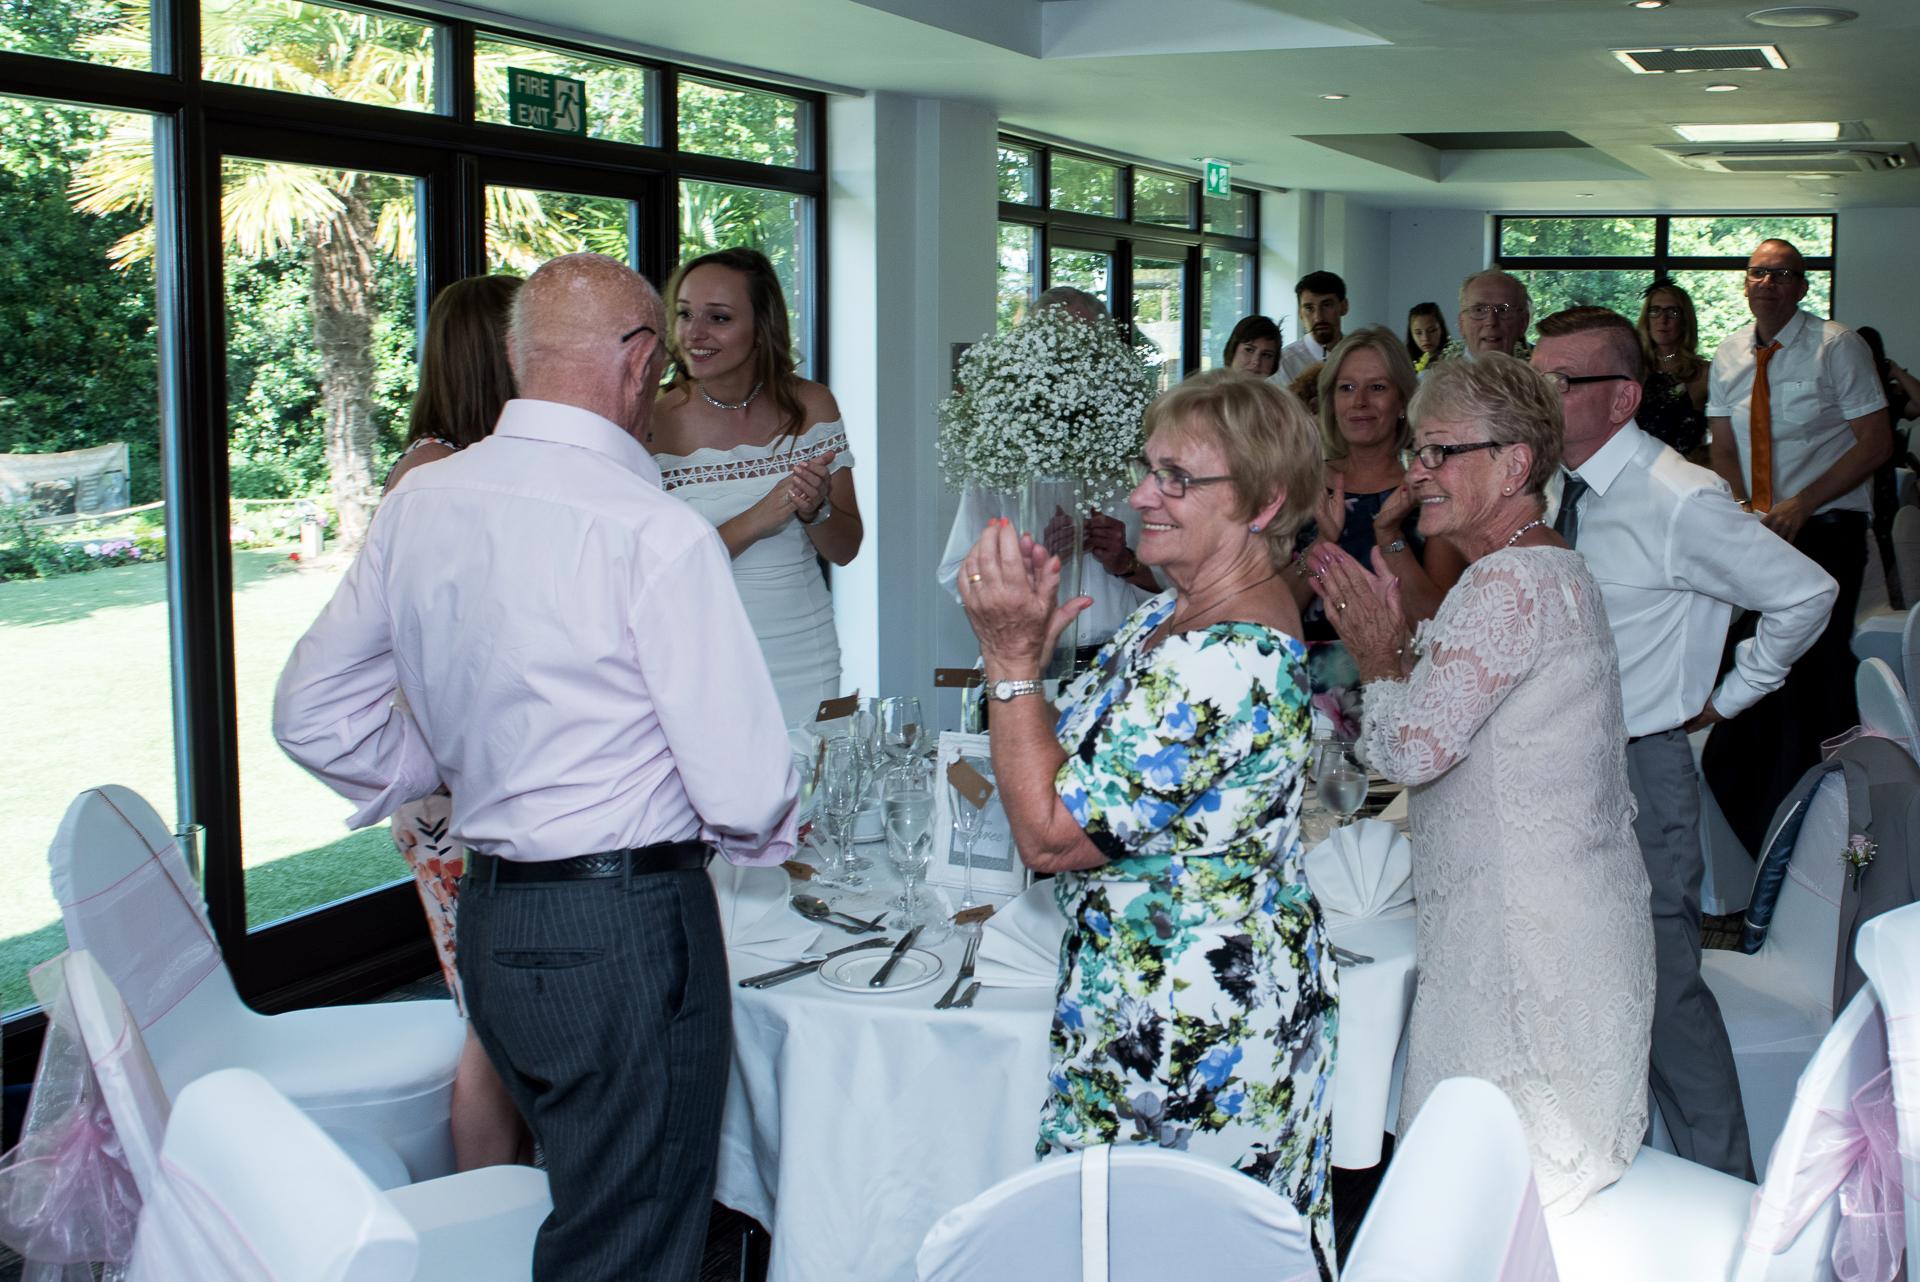 Frensham-Pond-Hotel-wedding_50.JPG